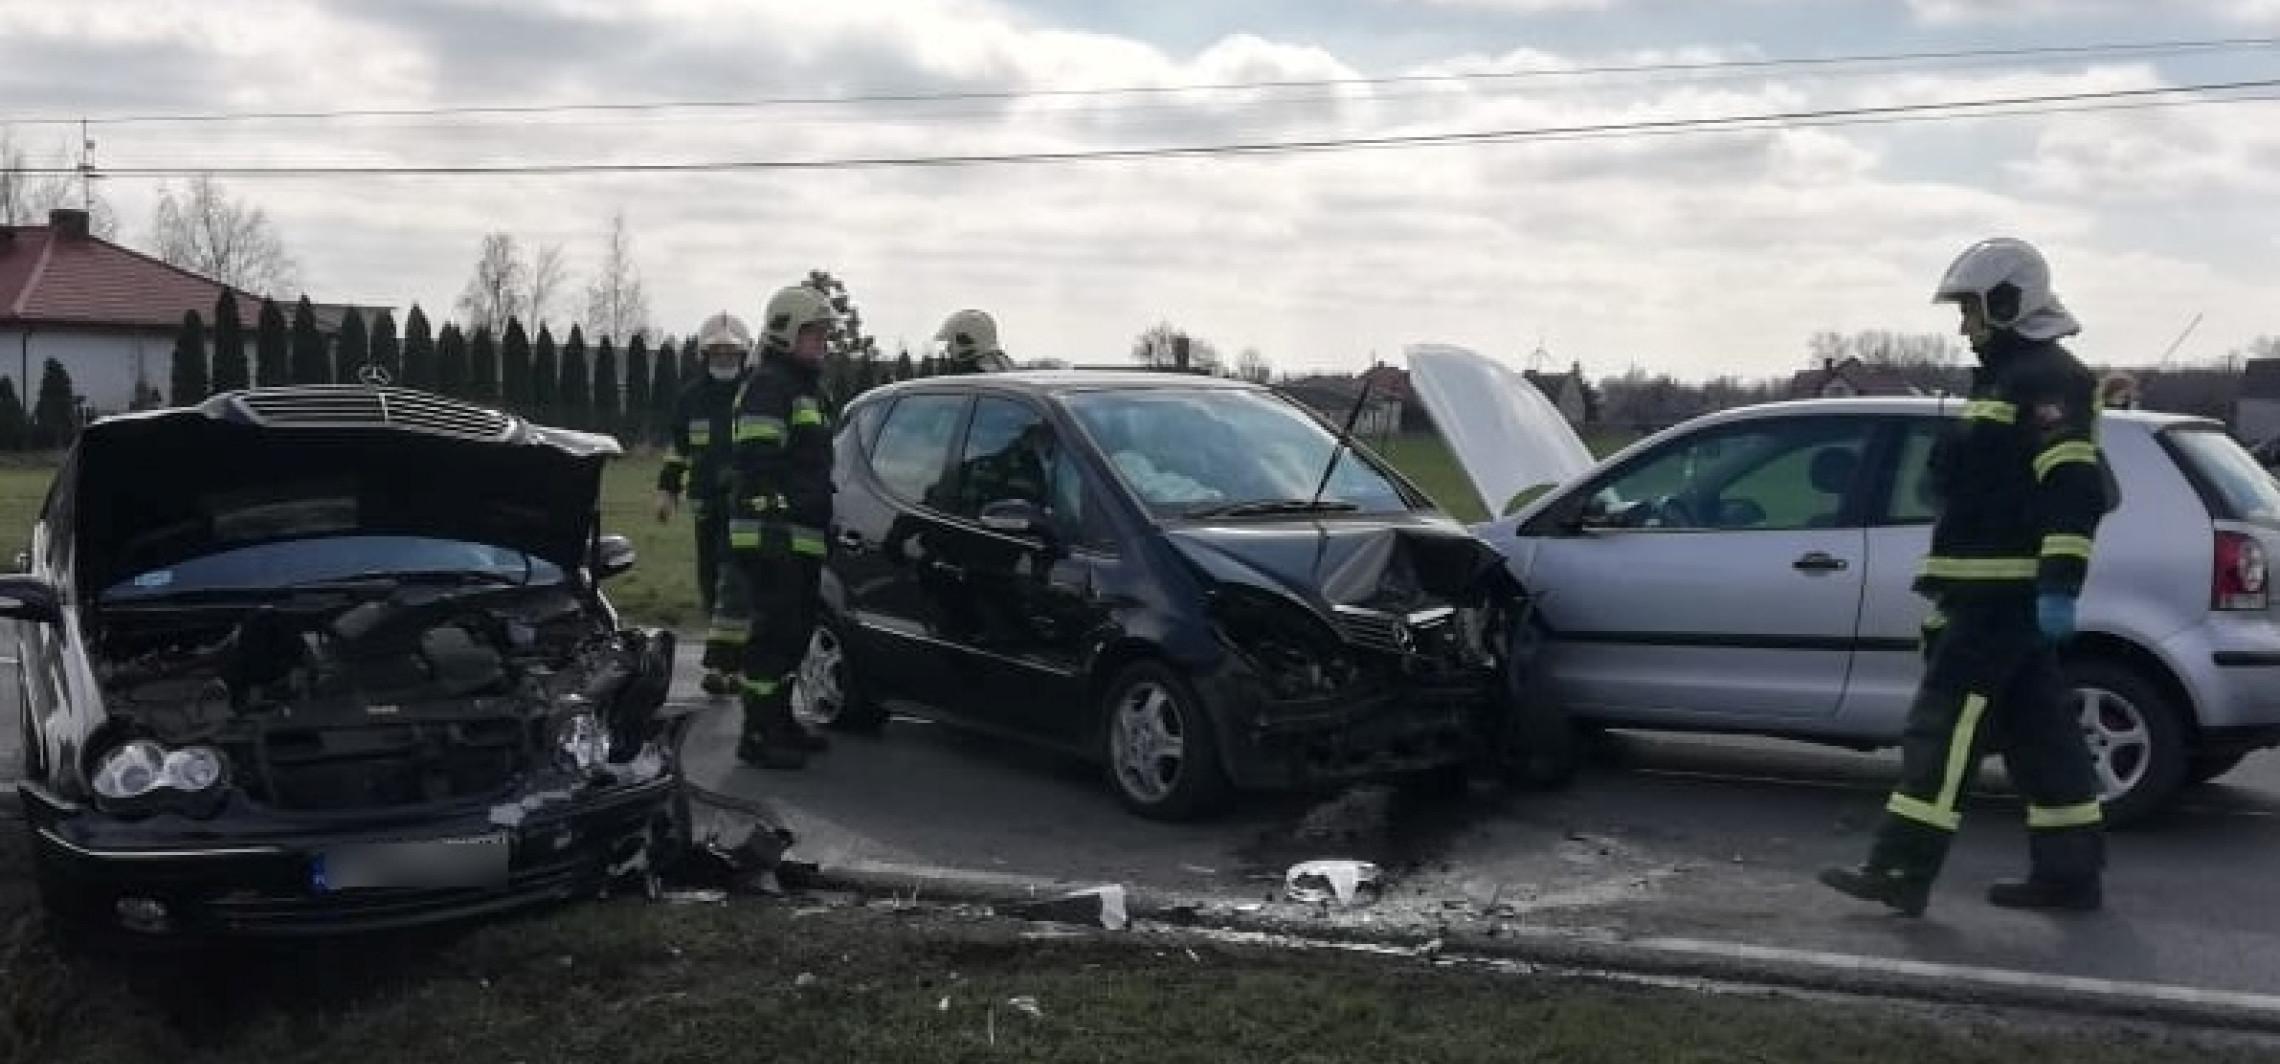 Kruszwica - Zderzenie trzech aut, są ranni